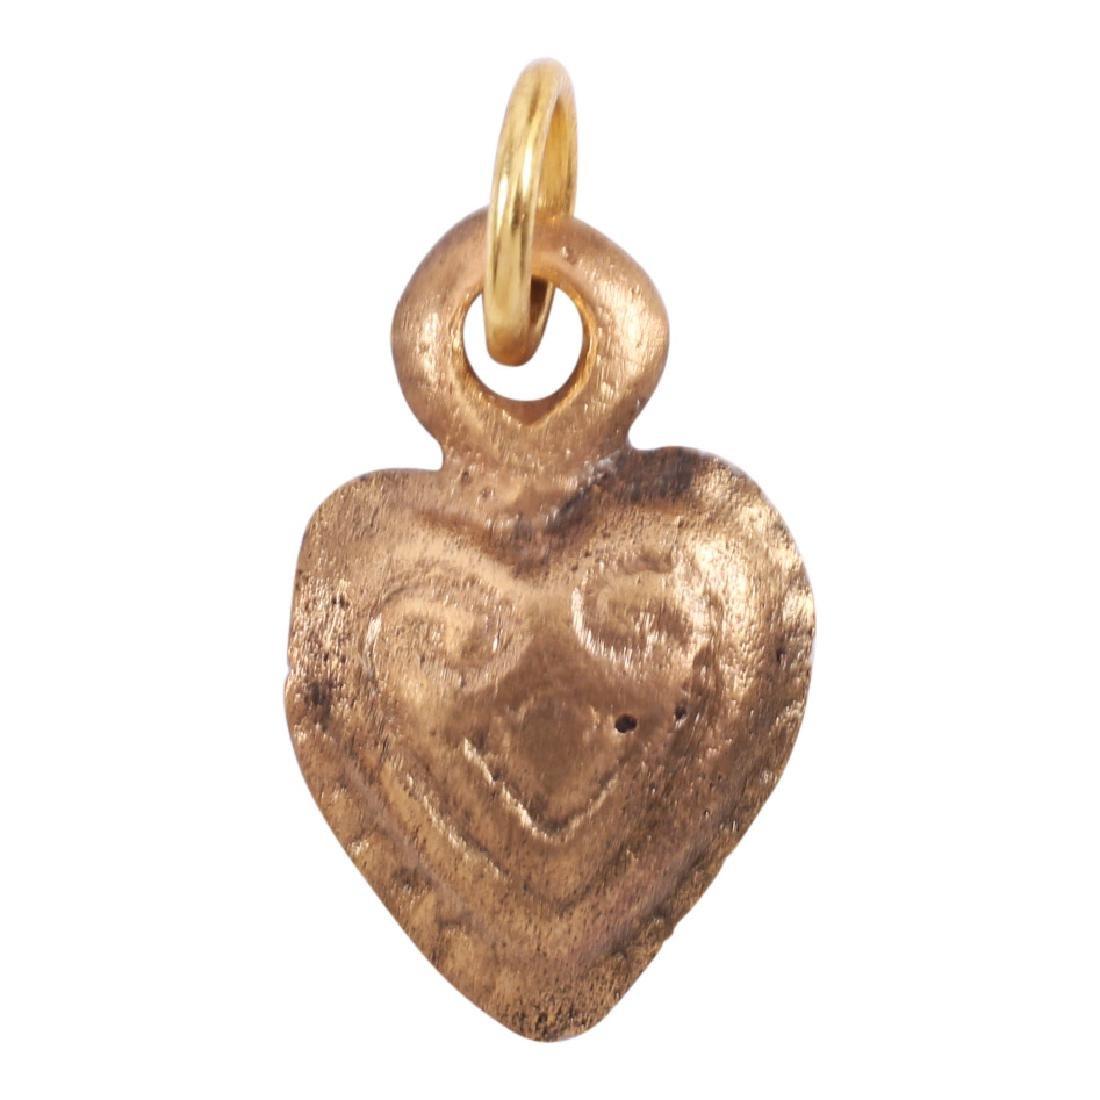 Viking Heart Pendant, 850-1050